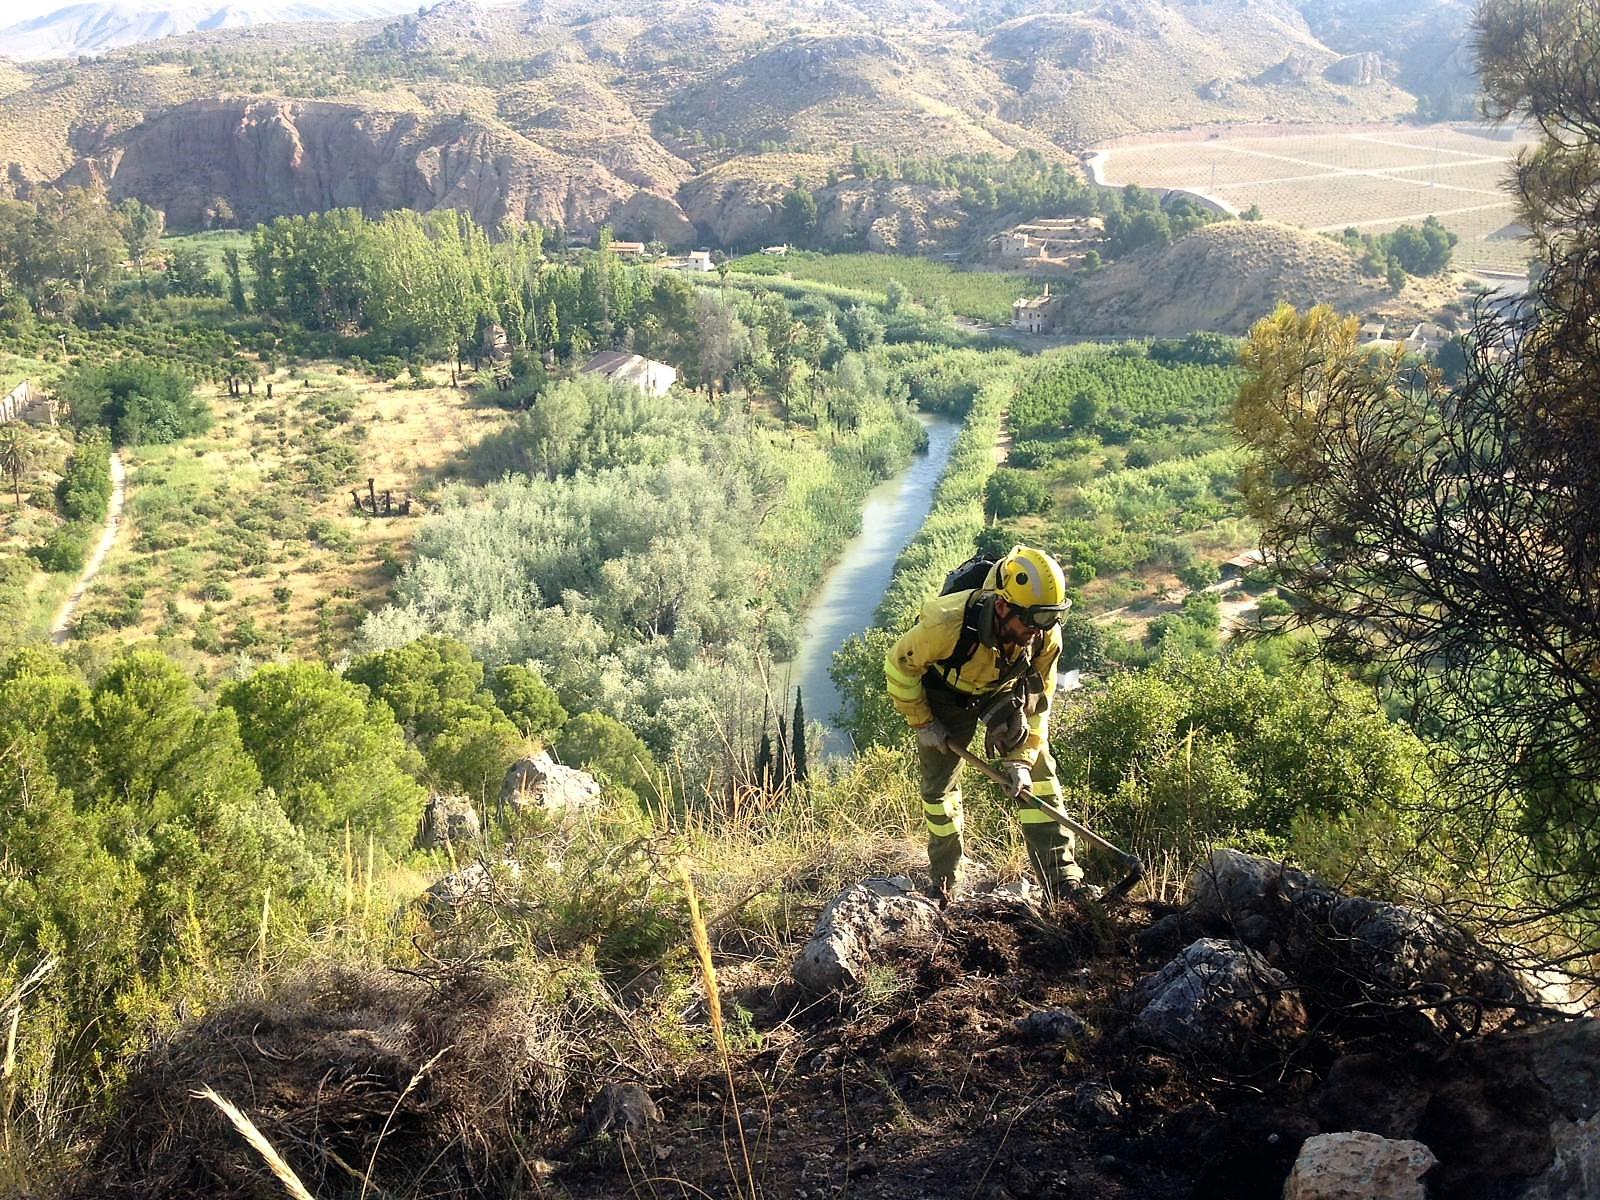 Un momento de los trabajos de extinción del incendio de anoche en El Menjú (Cieza). Imagen facilitada por la Dirección General del Medio Natural /112